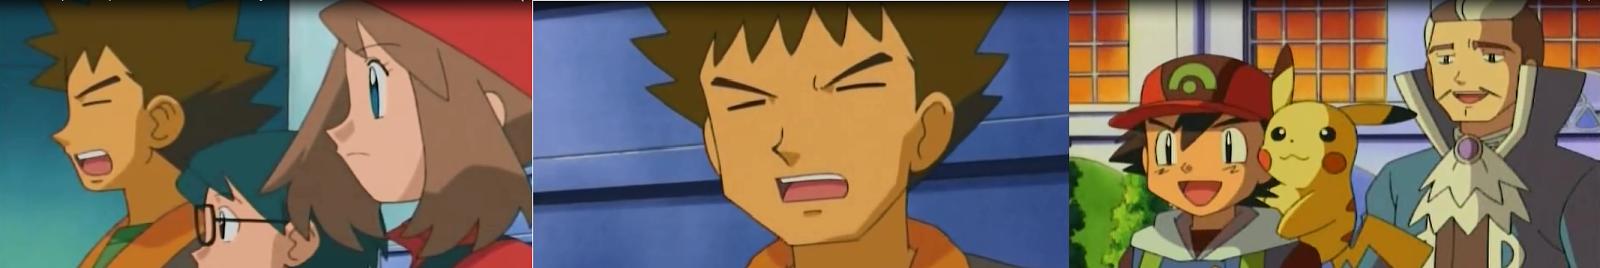 Pokémon -  Capítulo 19  - Temporada 8 - Audio Latino